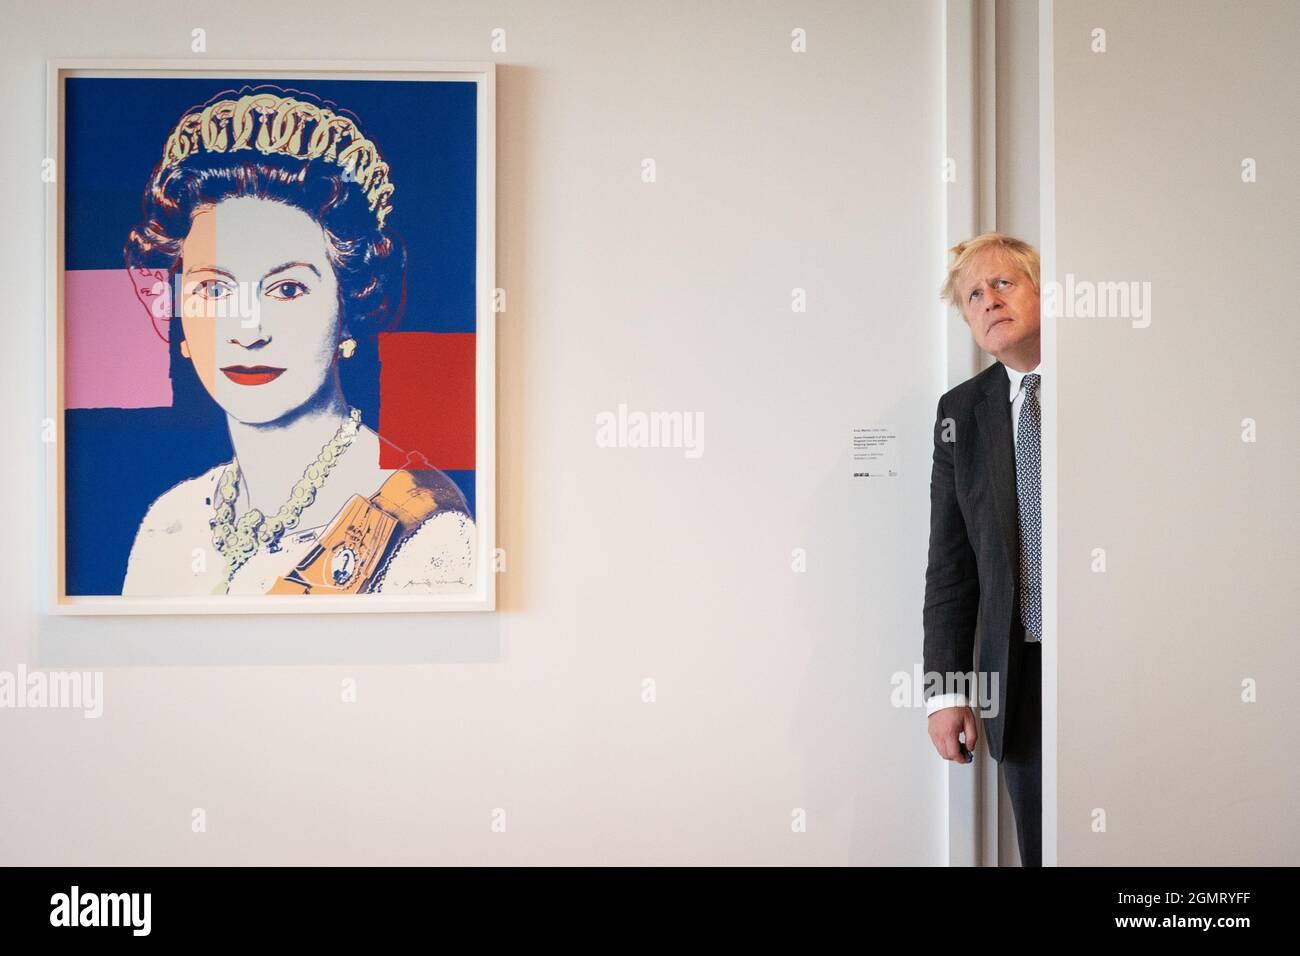 Il primo ministro Boris Johnson alla Missione britannica presso le Nazioni Unite a New York prima di incontrare il presidente esecutivo Amazon, Jeff Bezos, durante l'Assemblea generale delle Nazioni Unite. Data foto: Lunedì 20 settembre 2021. Foto Stock